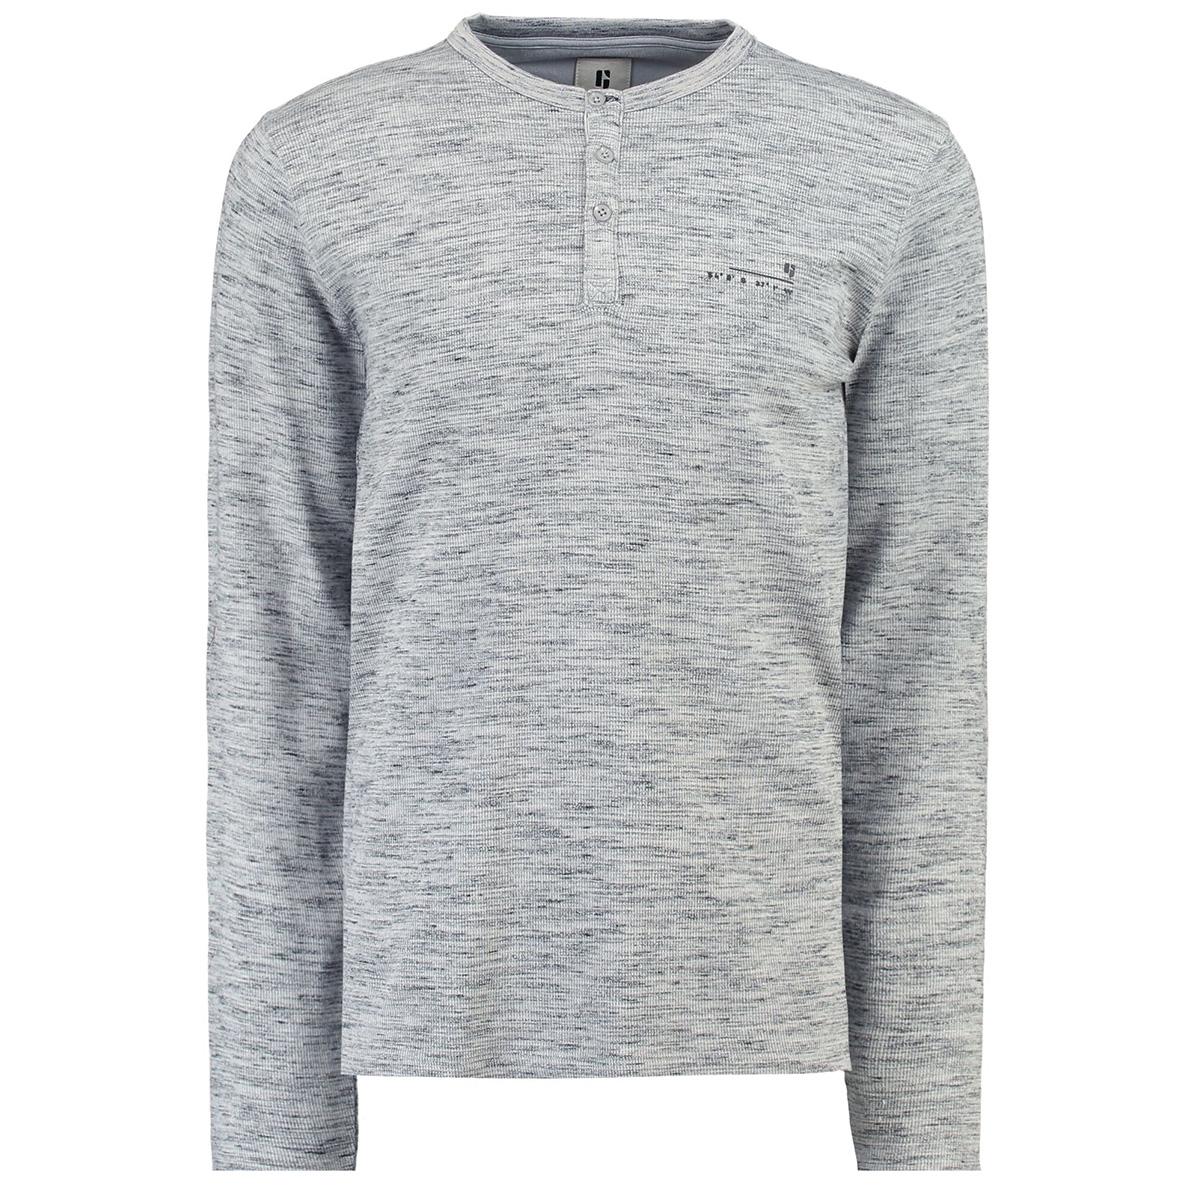 grijs tshirt met lange mouwen gs910706 garcia t-shirt 2351